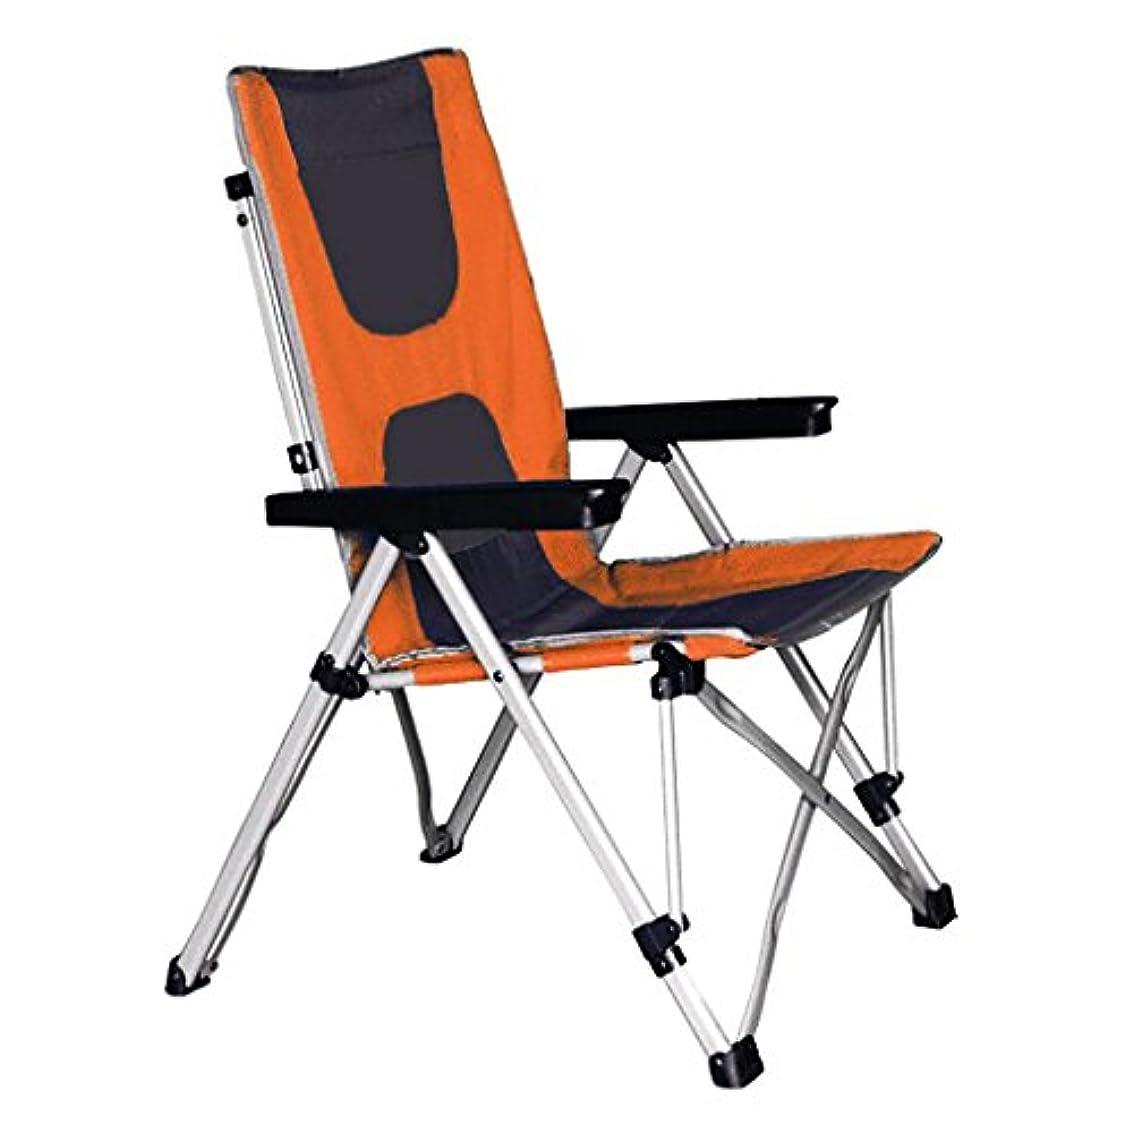 前に保証するとは異なり折り畳み式椅子二重使用のリクライナーポータブルチェアランチブレイクビーチチェアキャンプフィッシングチェア4スピード調整